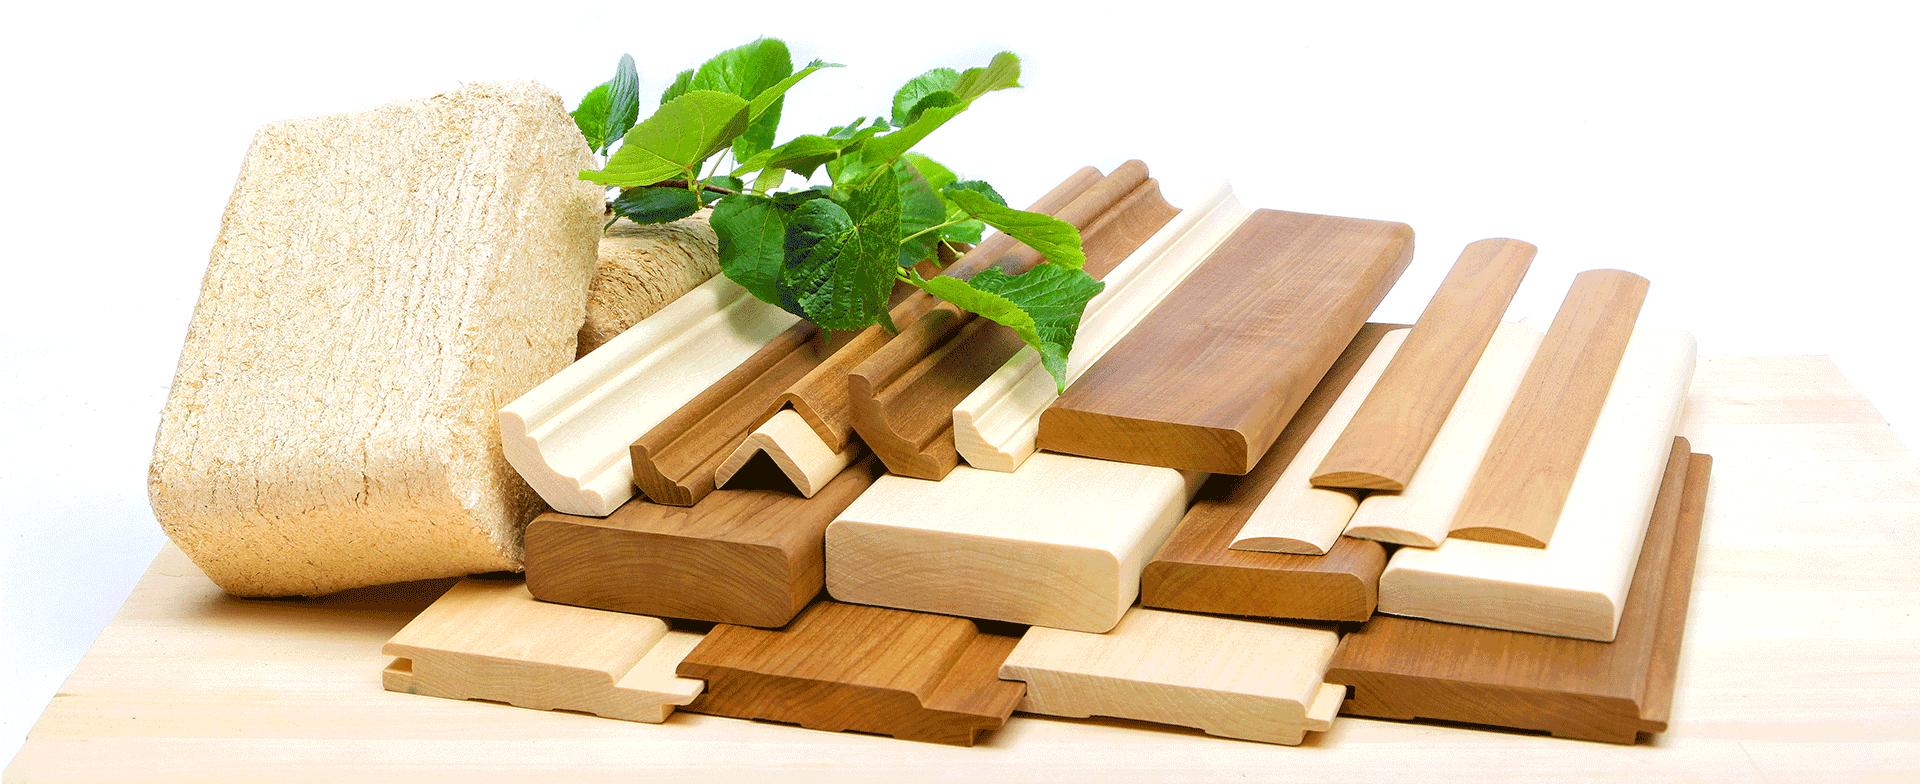 модон материалын худалдаа